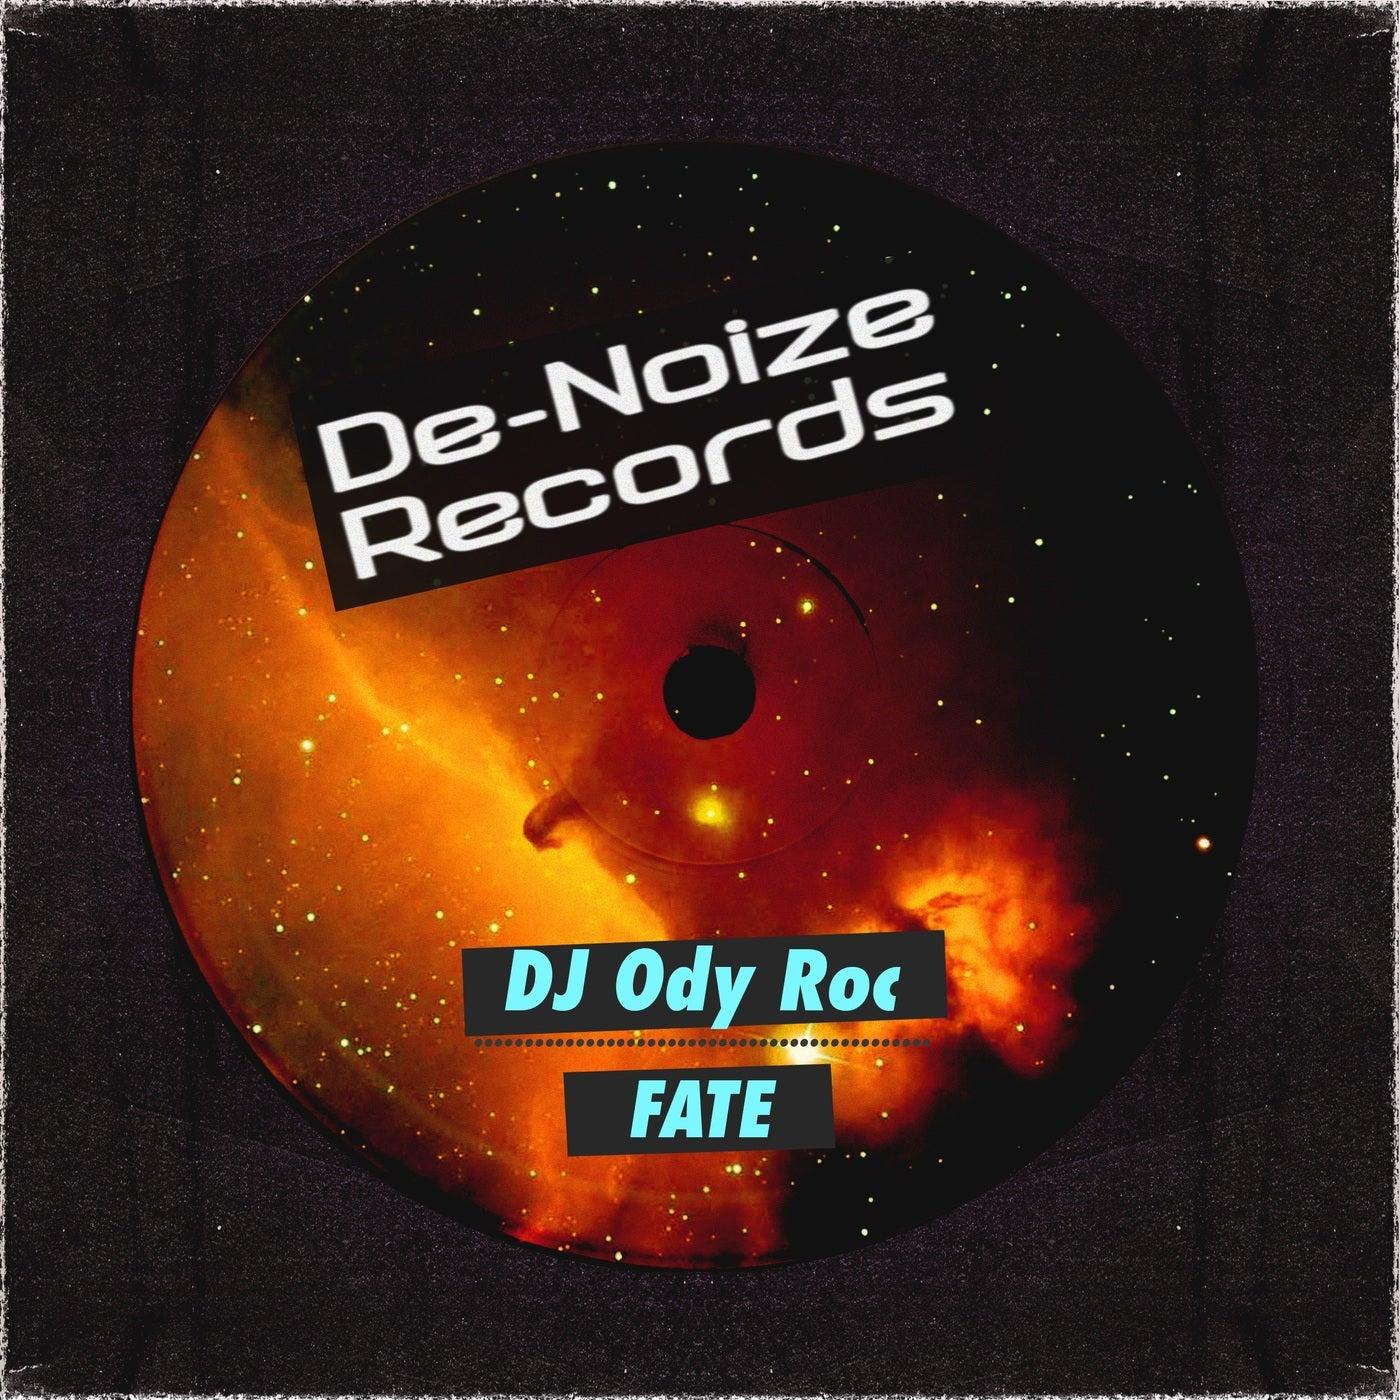 Fate (Original Mix)